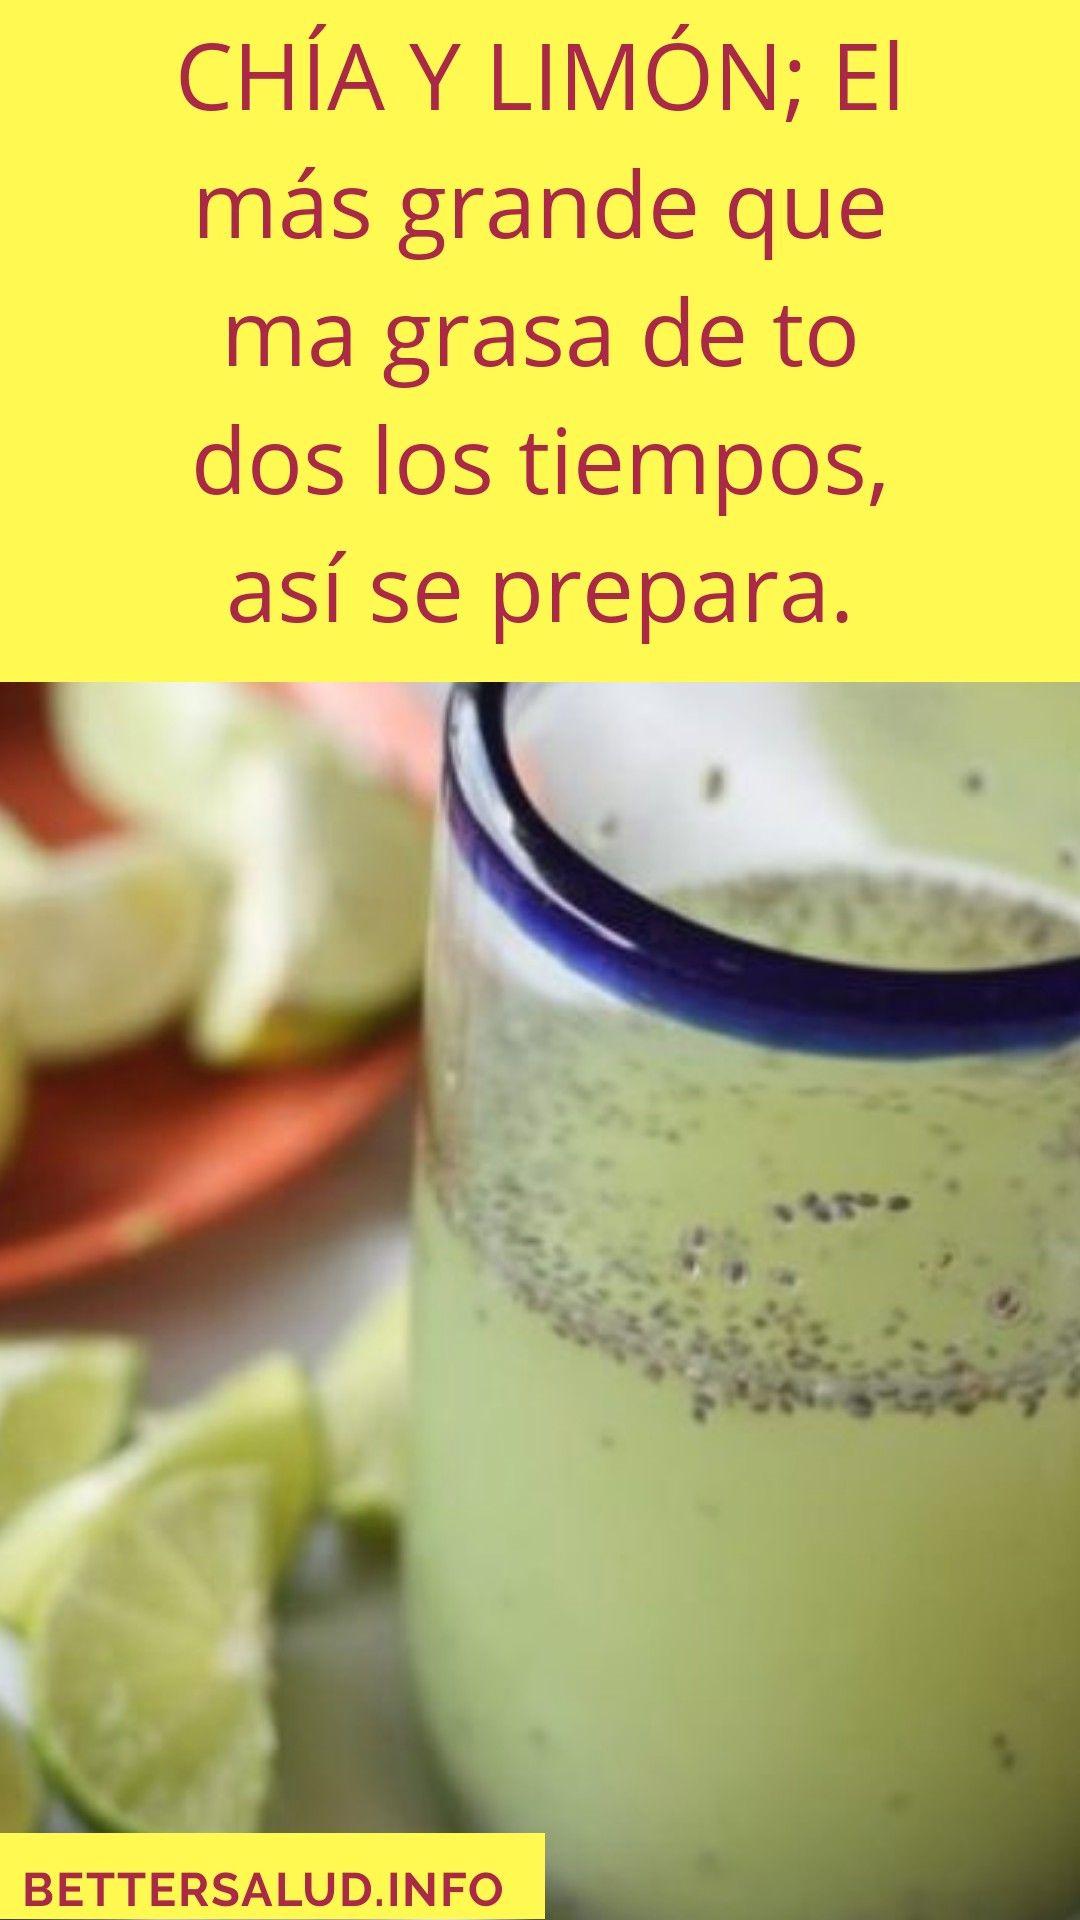 Beber jugo de limon para adelgazar